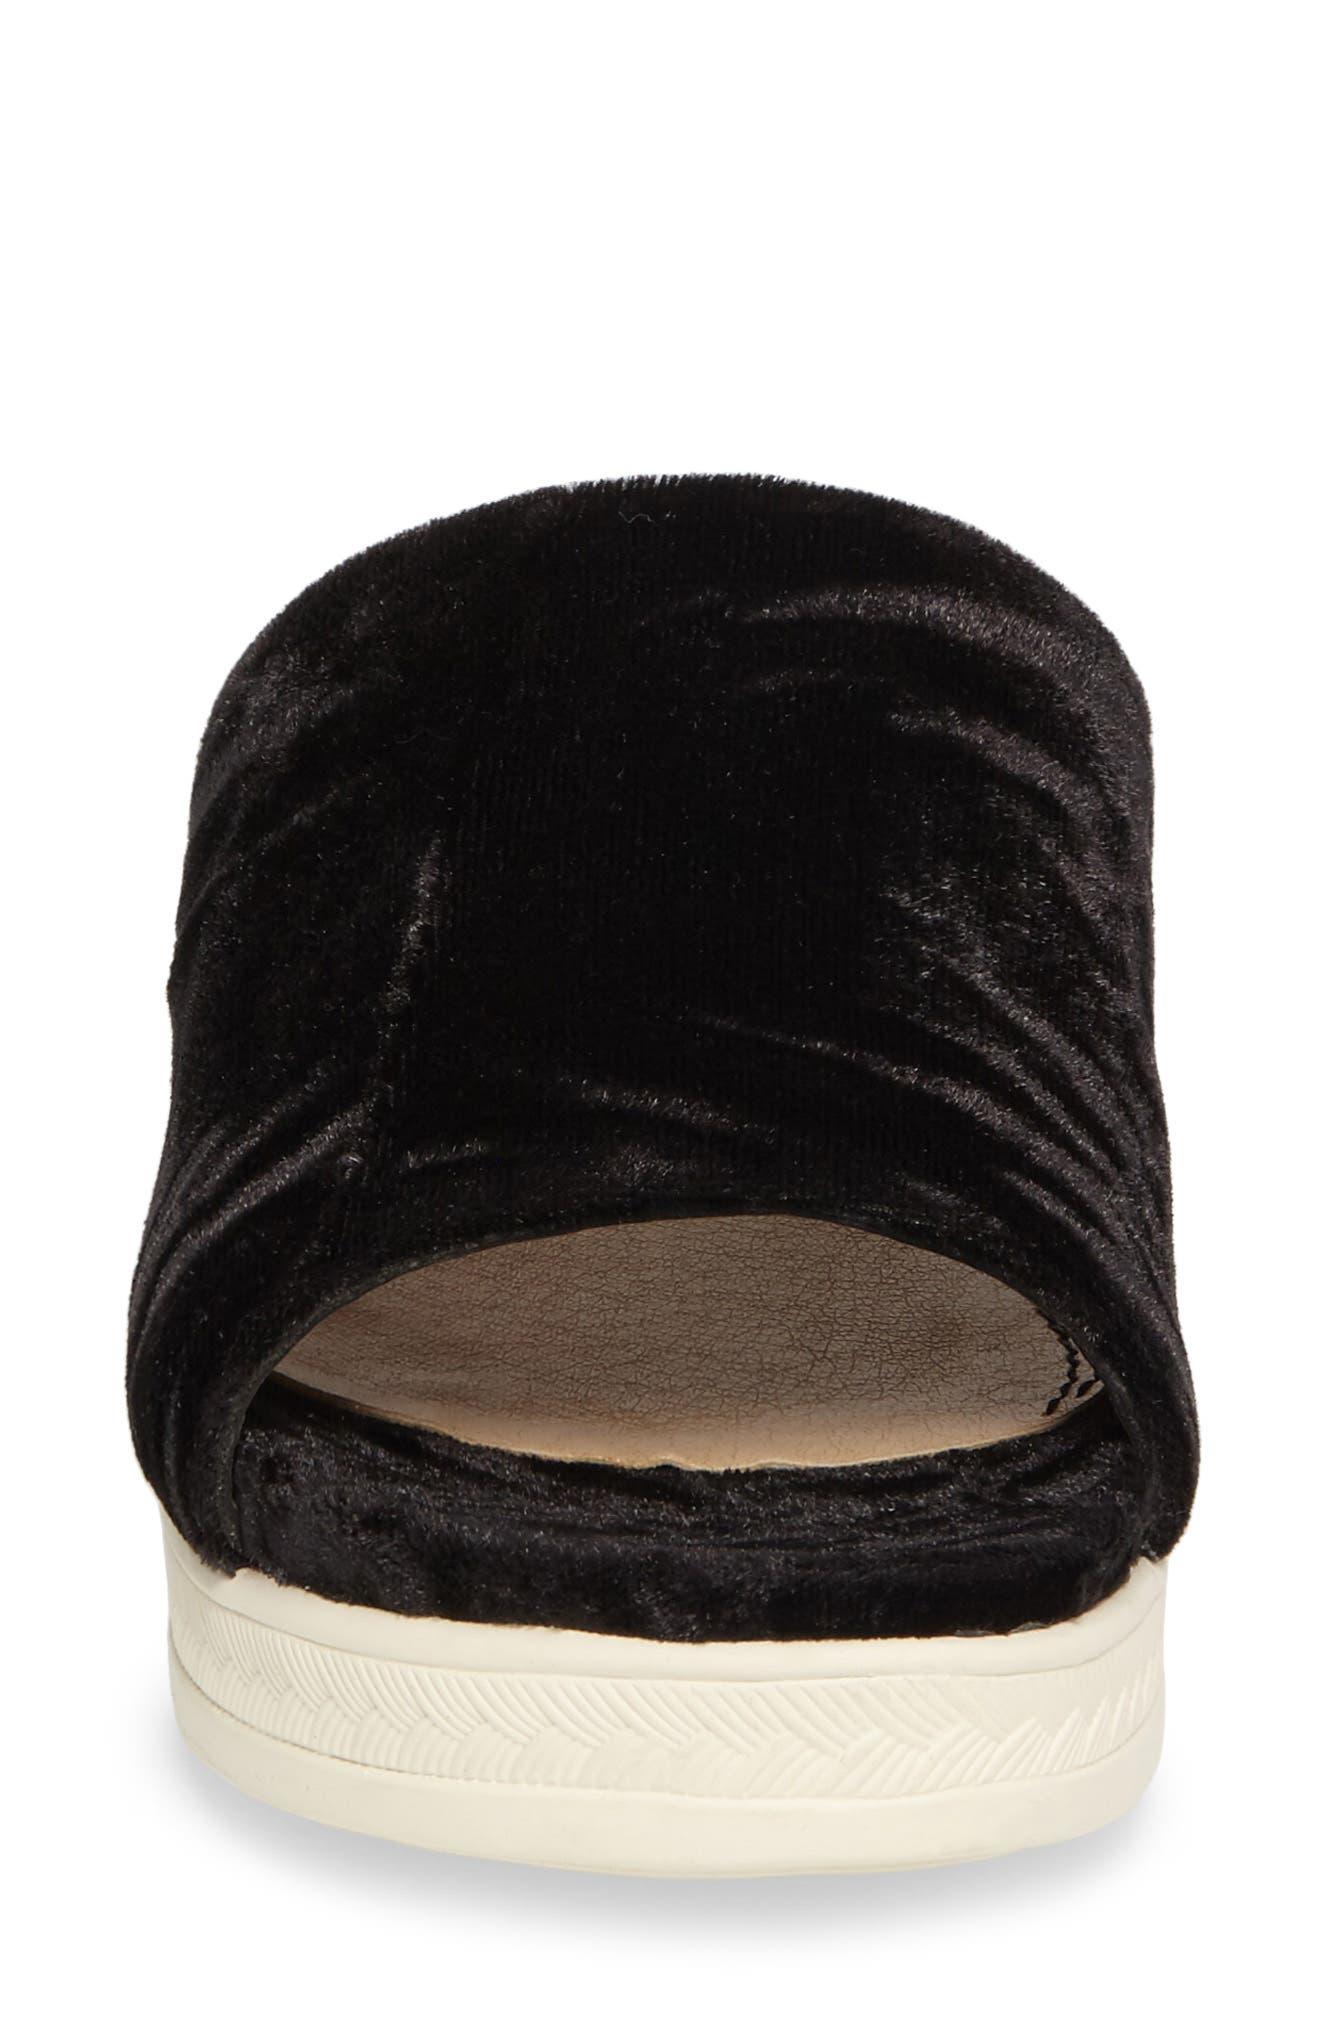 Darla Slide Sandal,                             Alternate thumbnail 4, color,                             Black Velvet Fabric